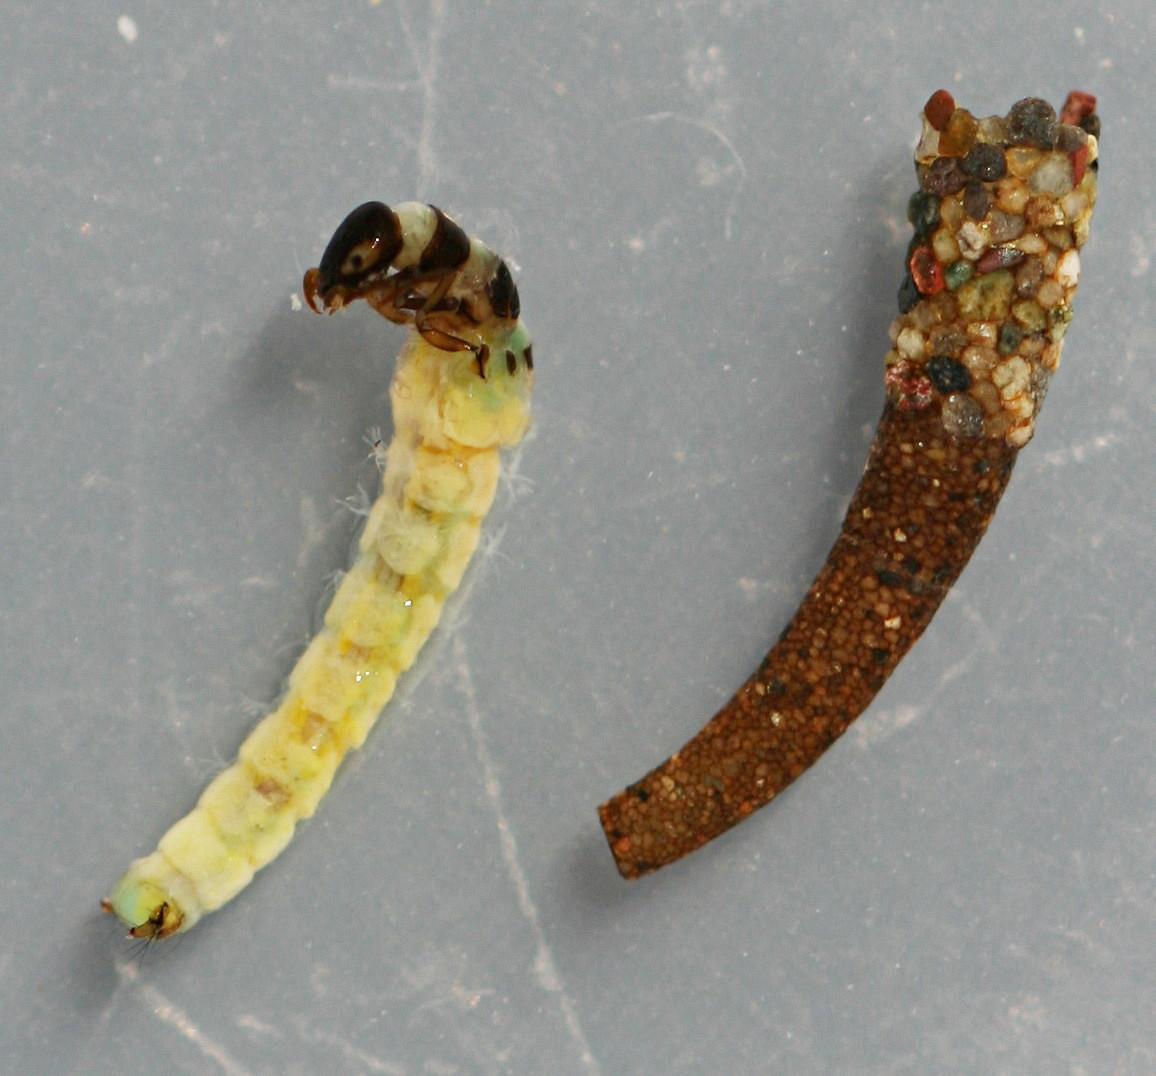 Marilia flexuosa larva and case. Larva 7 mm. Case 9 mm. In alcohol. Collected April 17, 2014.